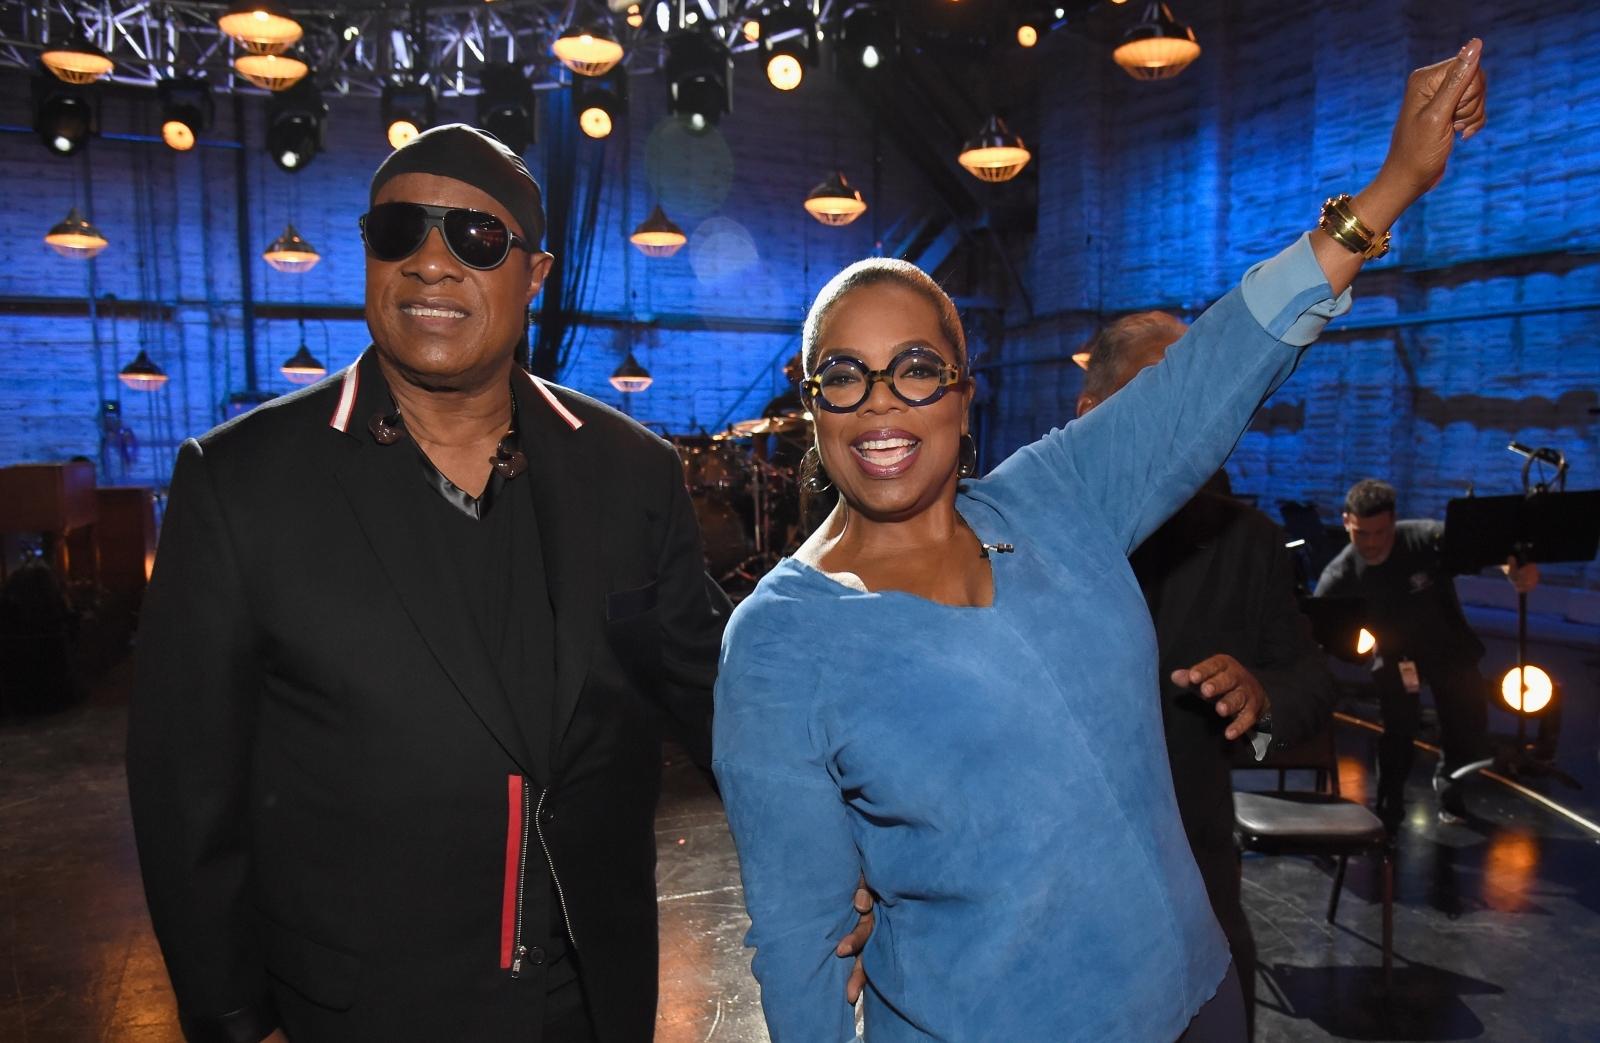 Stevie Wonder and Oprah Winfrey